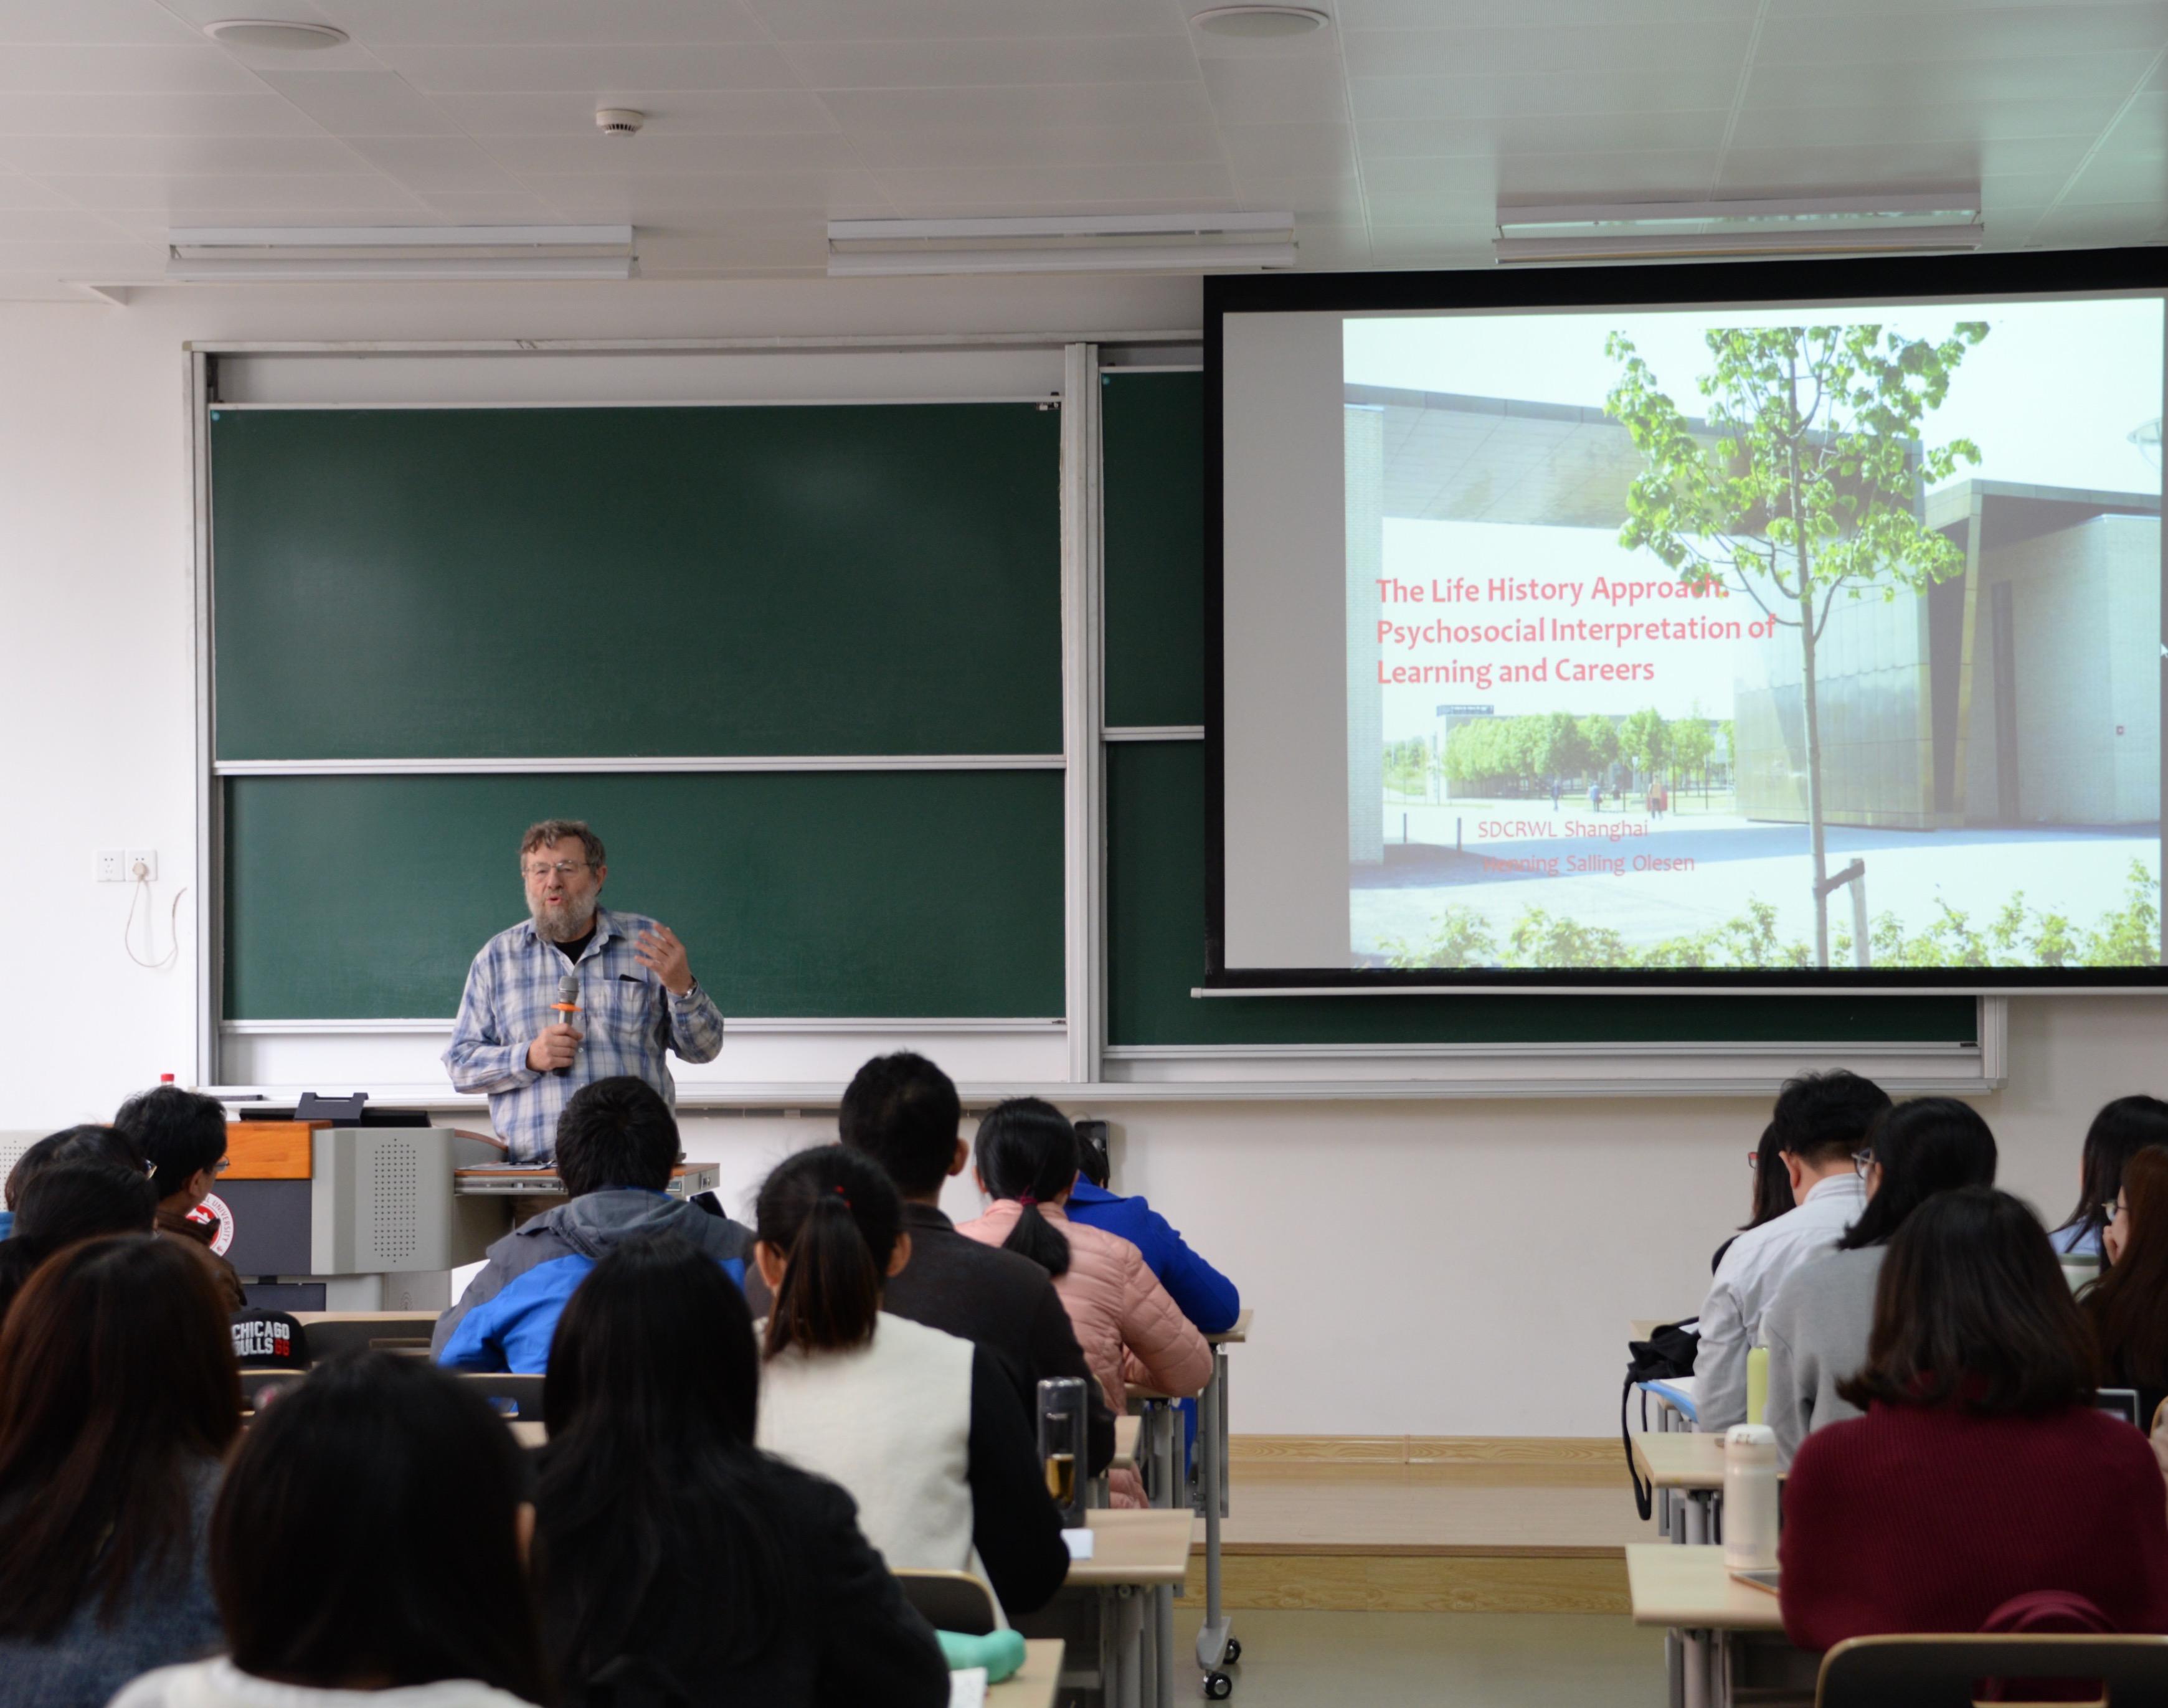 教育学部邀请丹麦罗斯基勒大学的Henning Sailing Olsen教授举办专题讲座